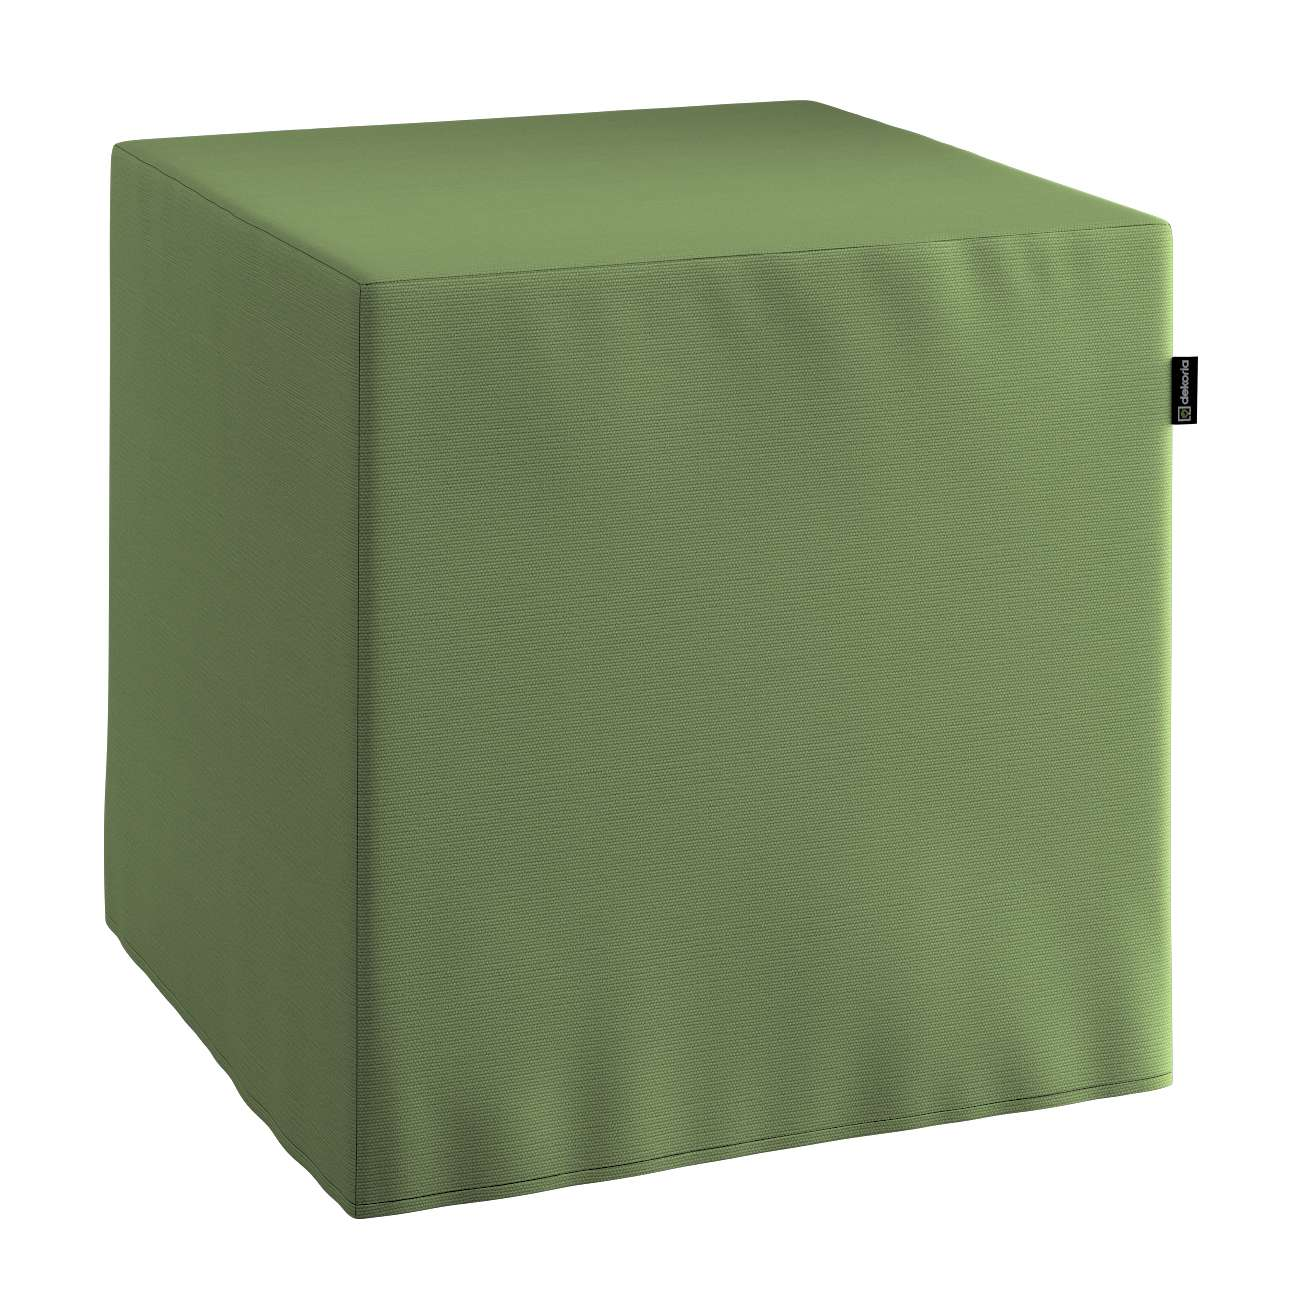 Sedák Cube - kostka pevná 40x40x40 v kolekci Cotton Panama, látka: 702-06